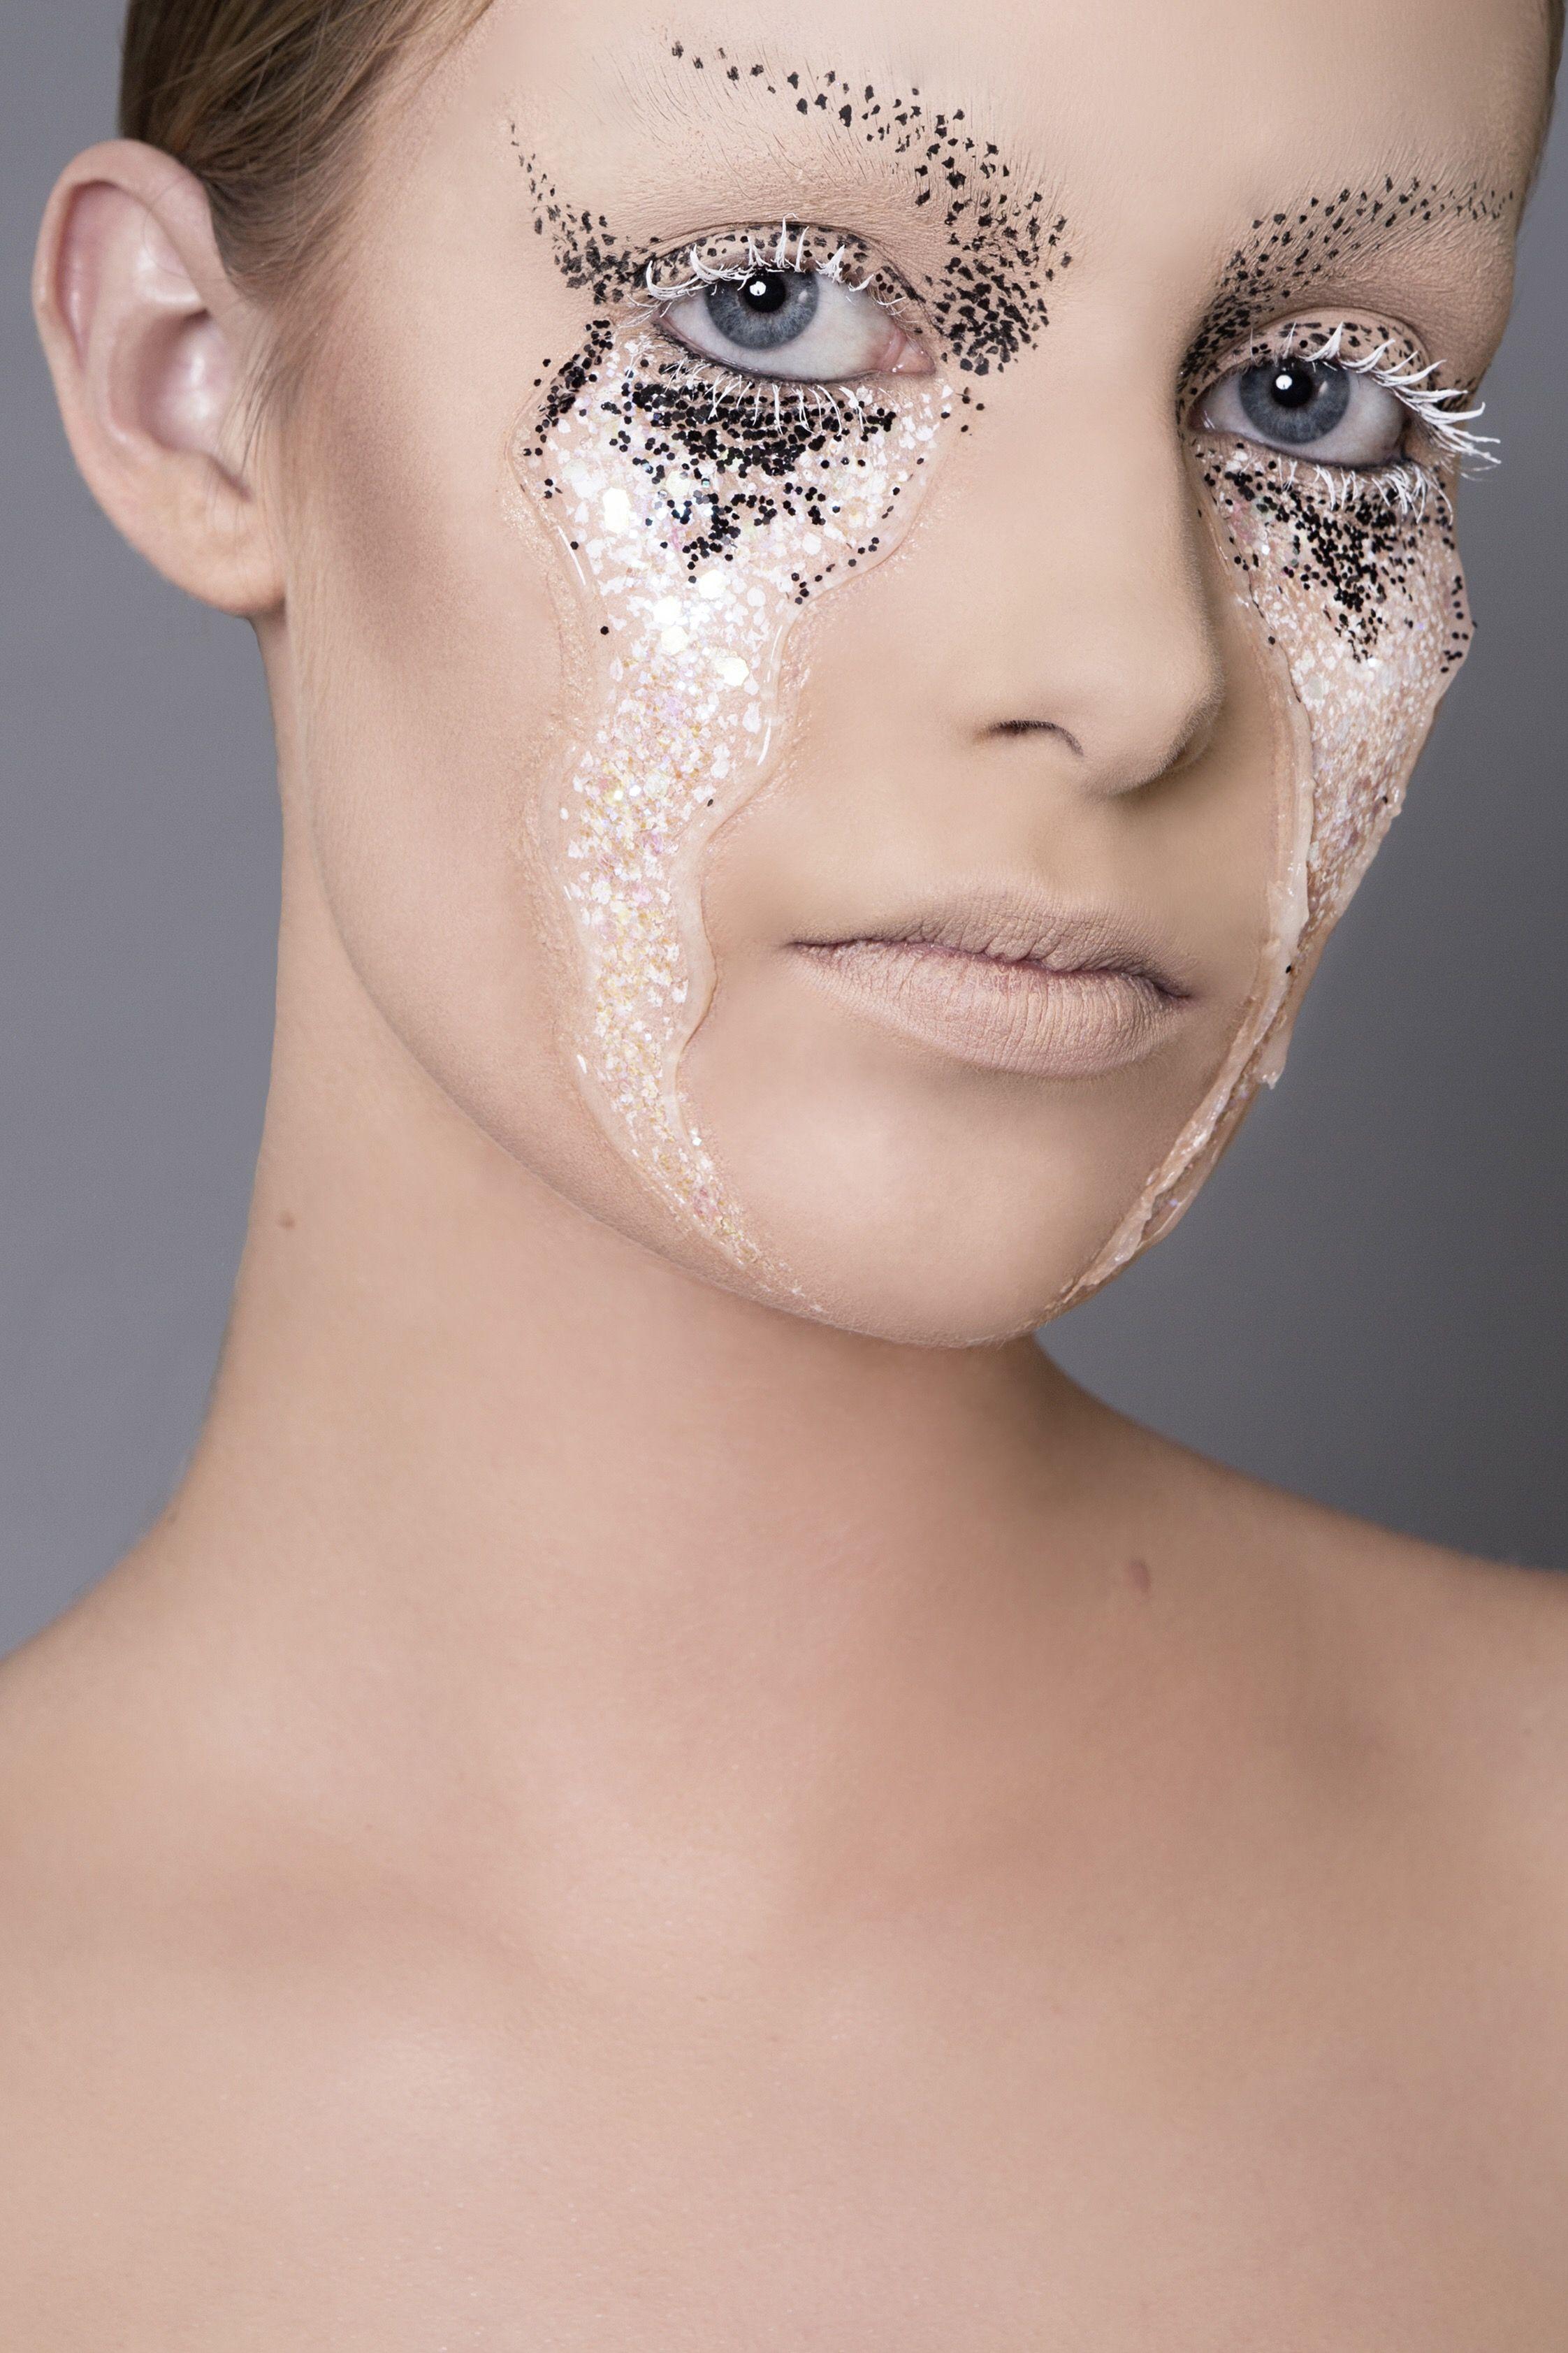 Facemakeup makeup glitter liekevdl makeupart muah tears model